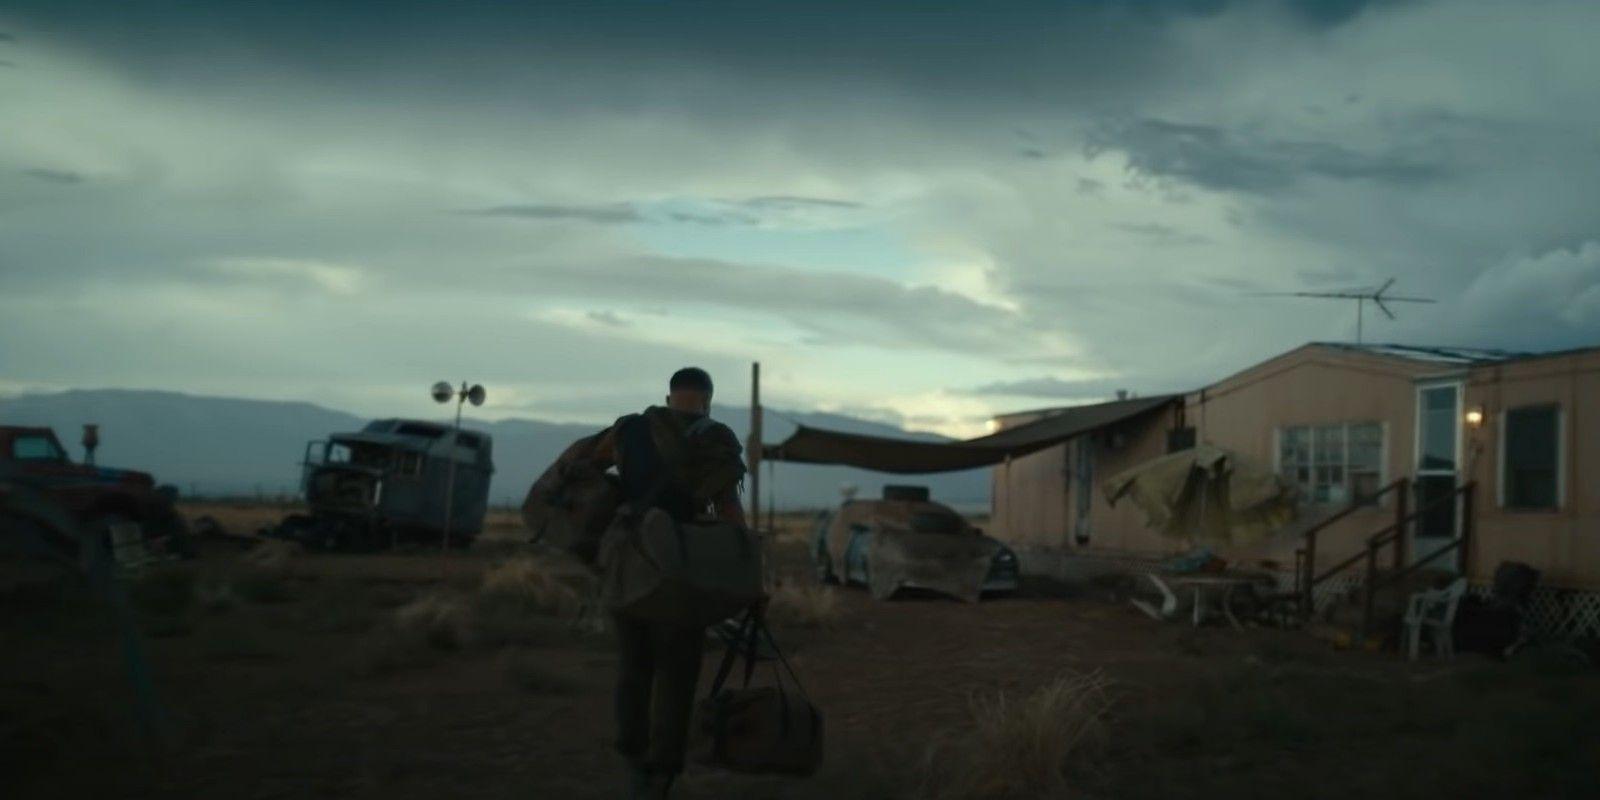 Análise do trailer Army of the Dead: Invasão em Las Vegas: 31 revelações e segredos da história 4